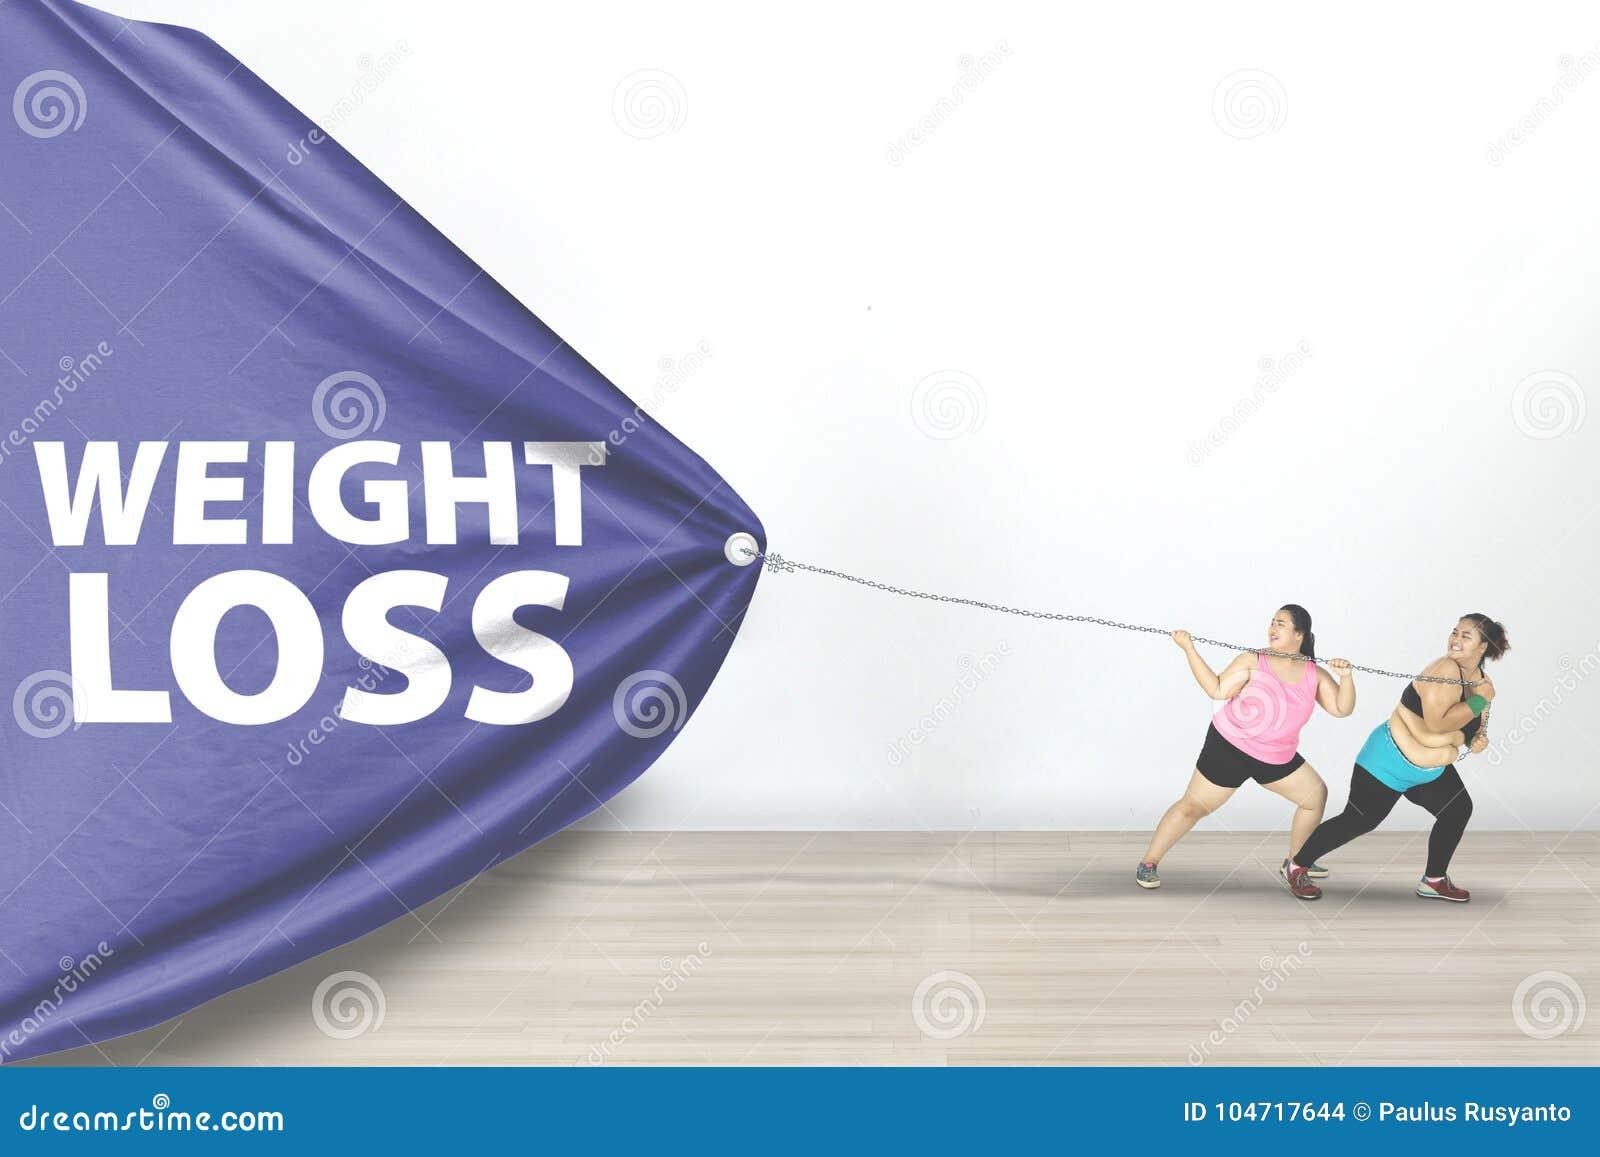 Texto excesso de peso da perda de peso do arrasto das mulheres